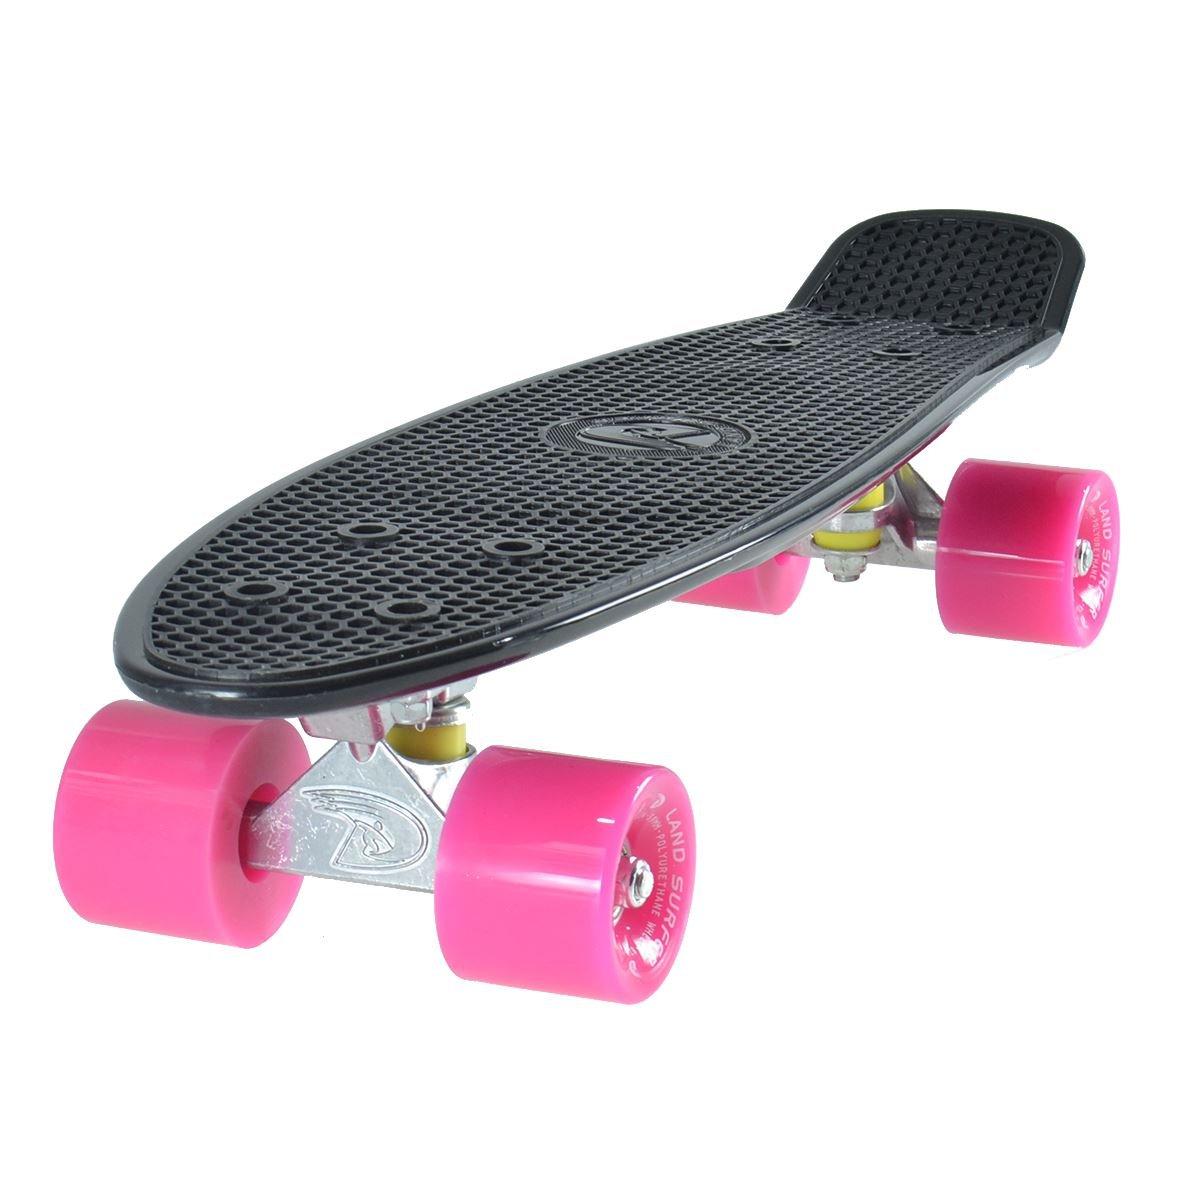 【初回限定】 Land B00K1A5OCSLand Surferクルーザースケートボード22インチブラックボードピンクホイール B00K1A5OCS, のレン:510daea2 --- 4x4.lt